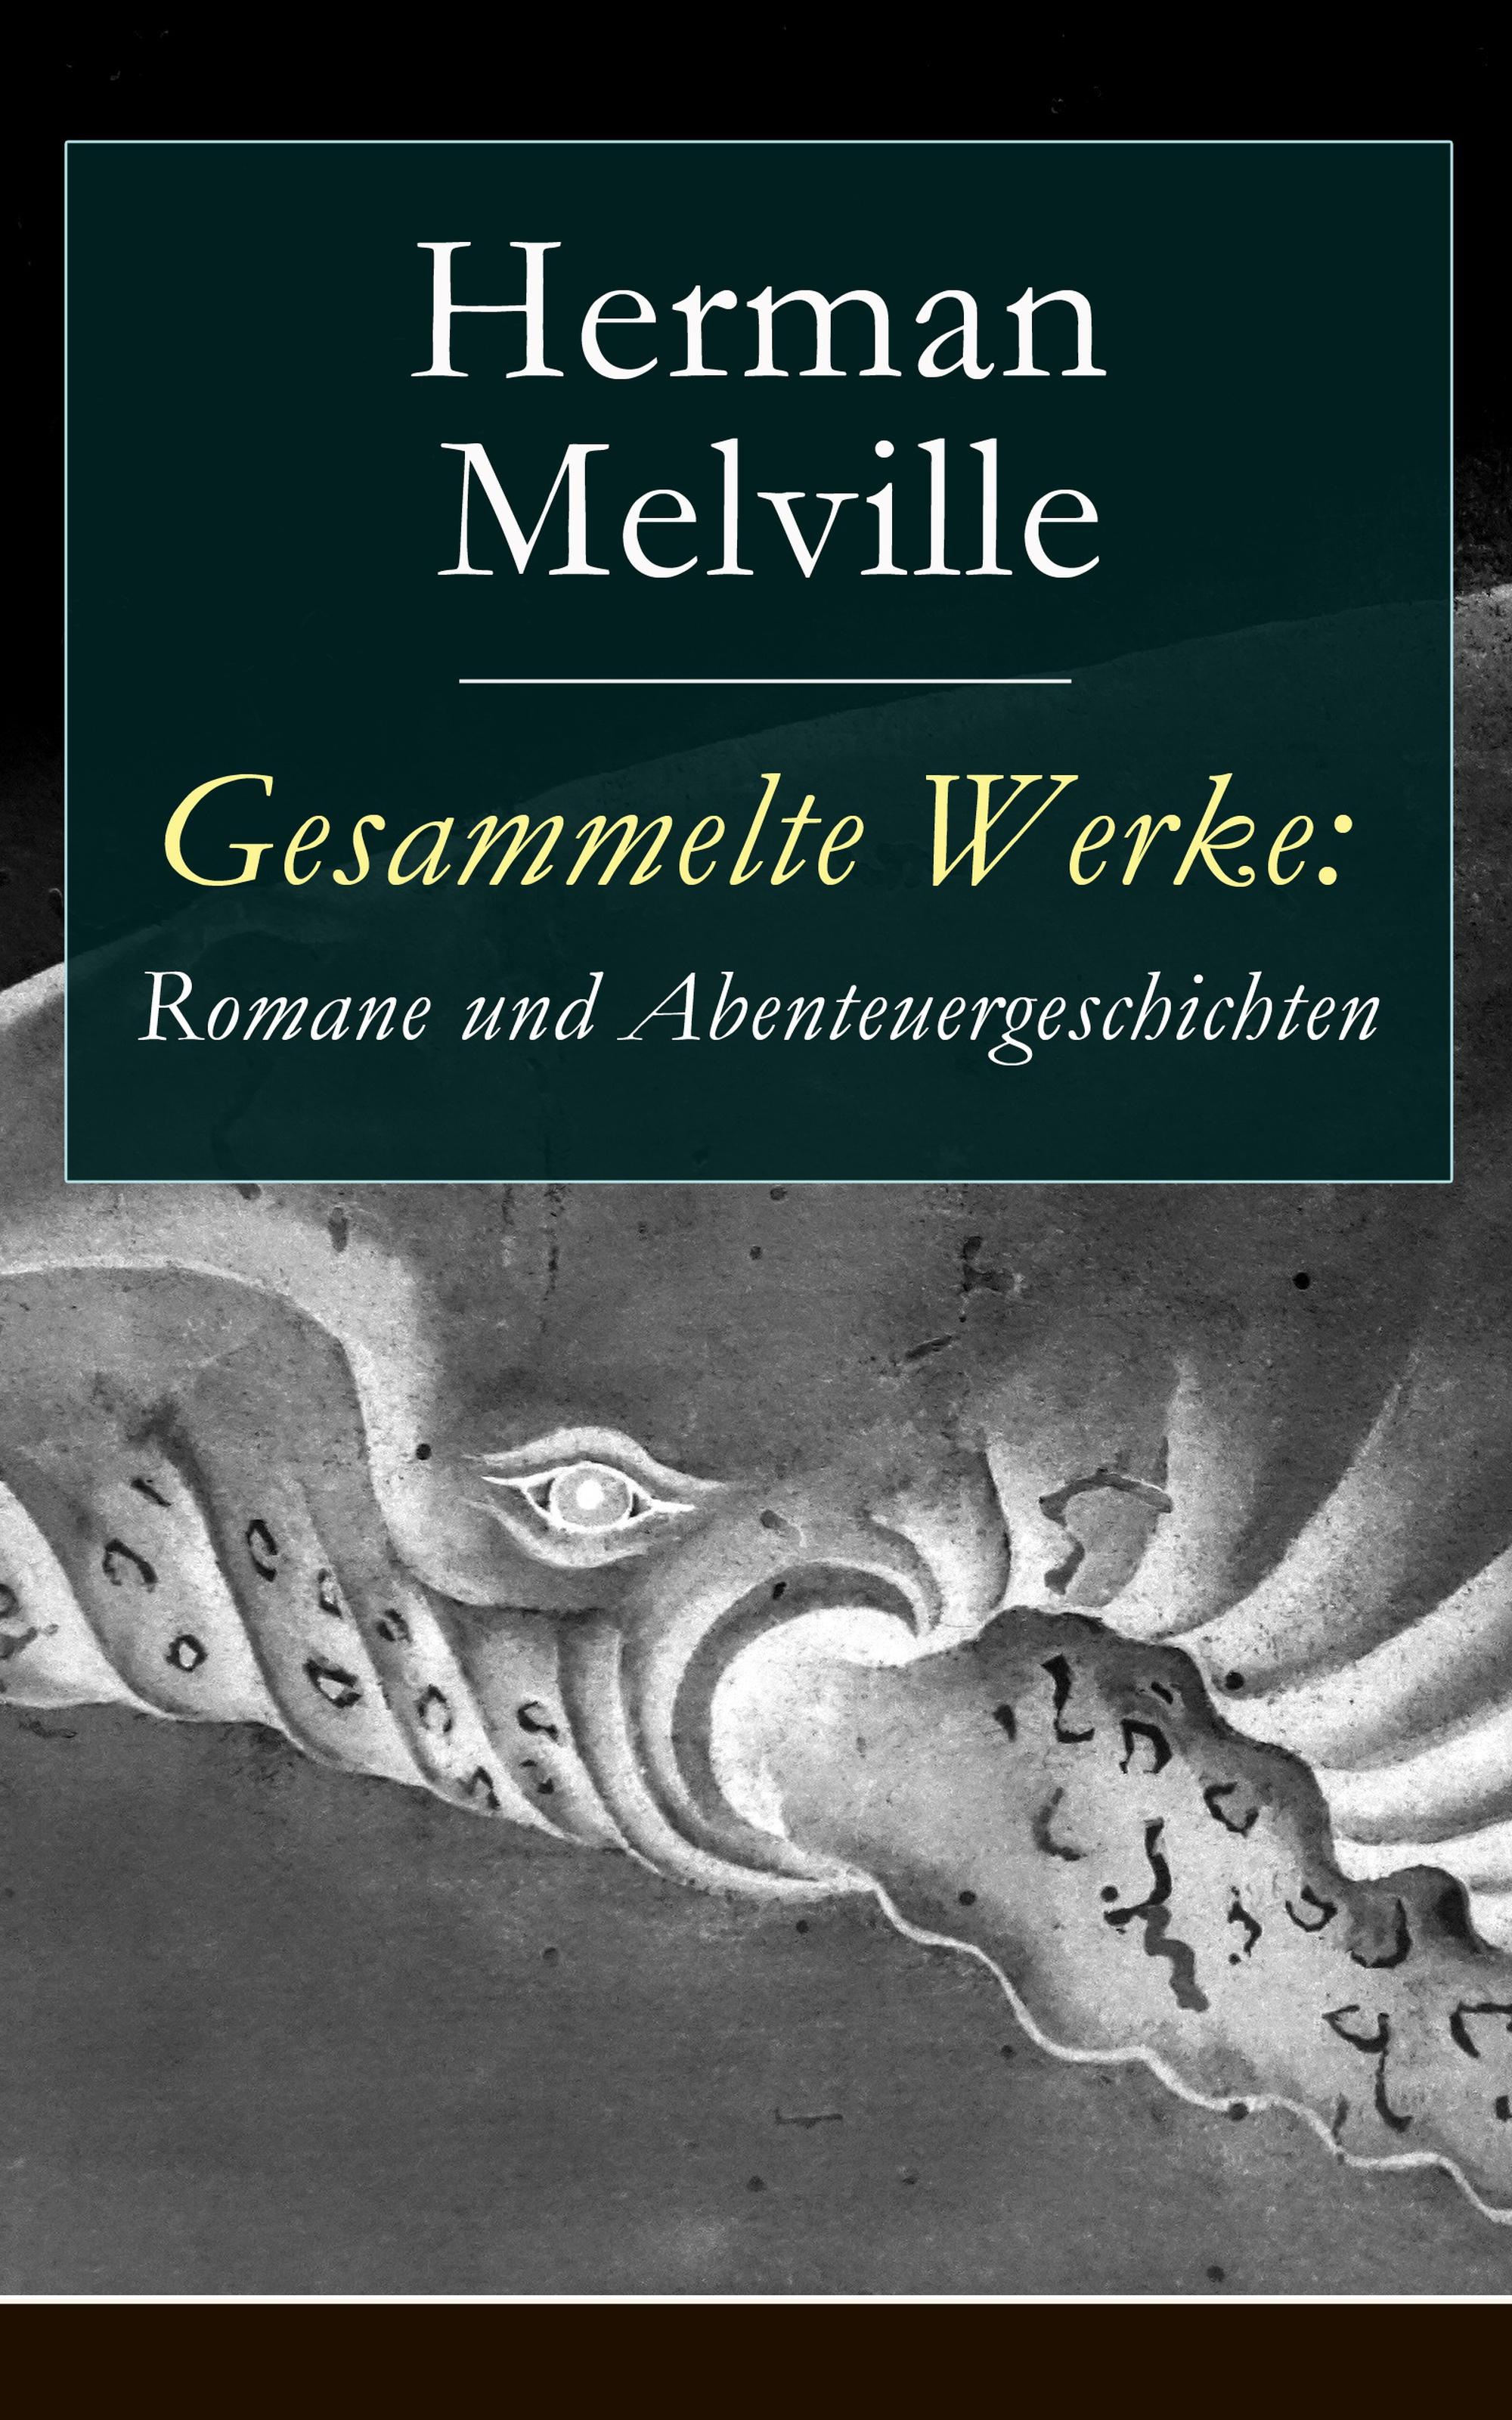 gesammelte werke romane und abenteuergeschichten